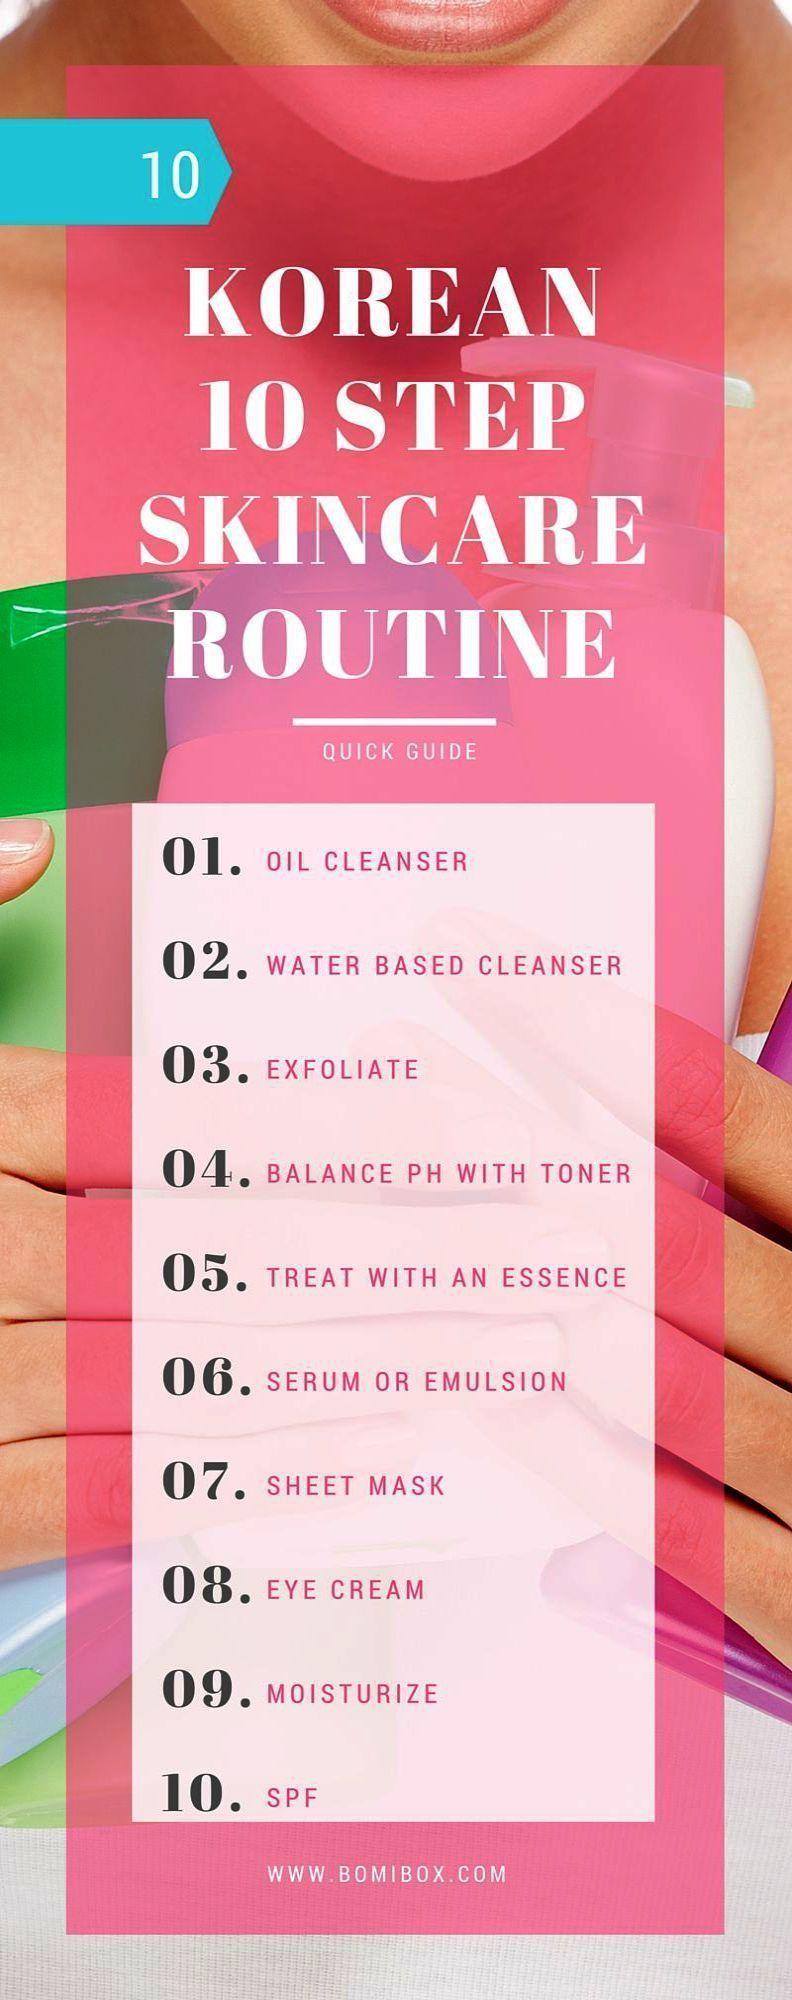 Korean Skincare Steps Emulsion Considering Skincare Routine Combination Skin Sk Skin Care Steps Skincare Routine Combination Skin Skin Care Routine Order